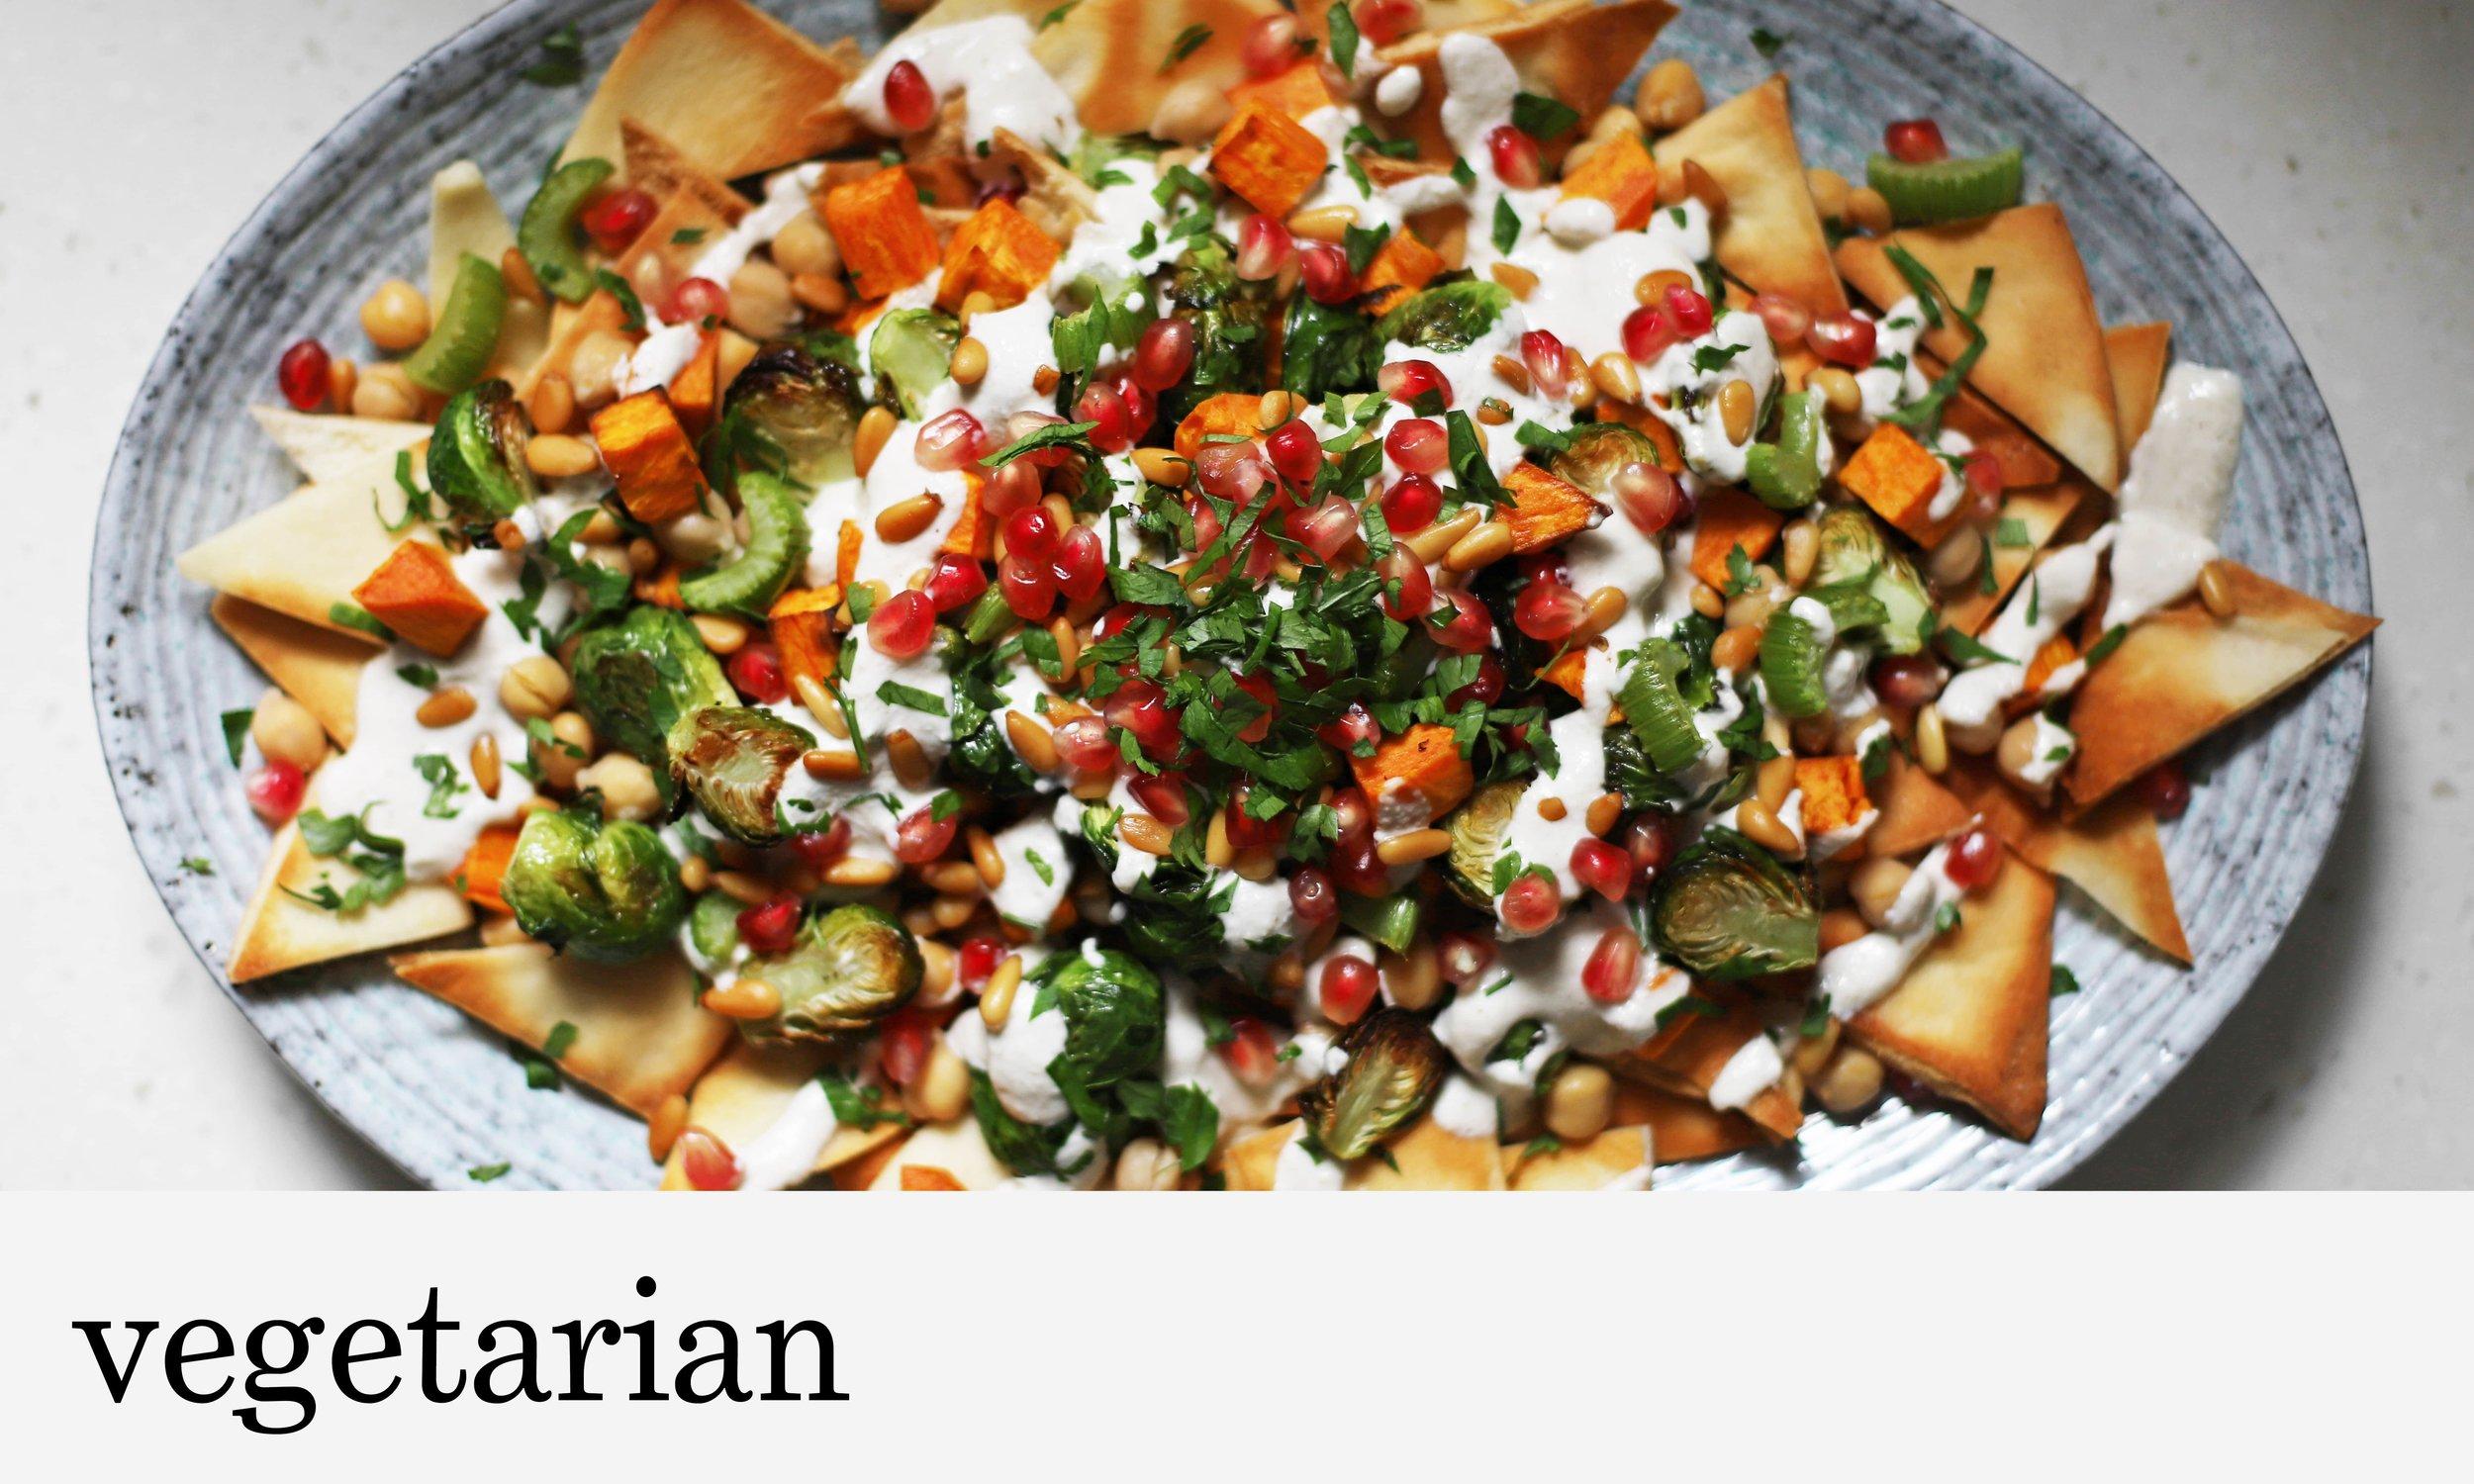 20. vegetarian-min.jpg